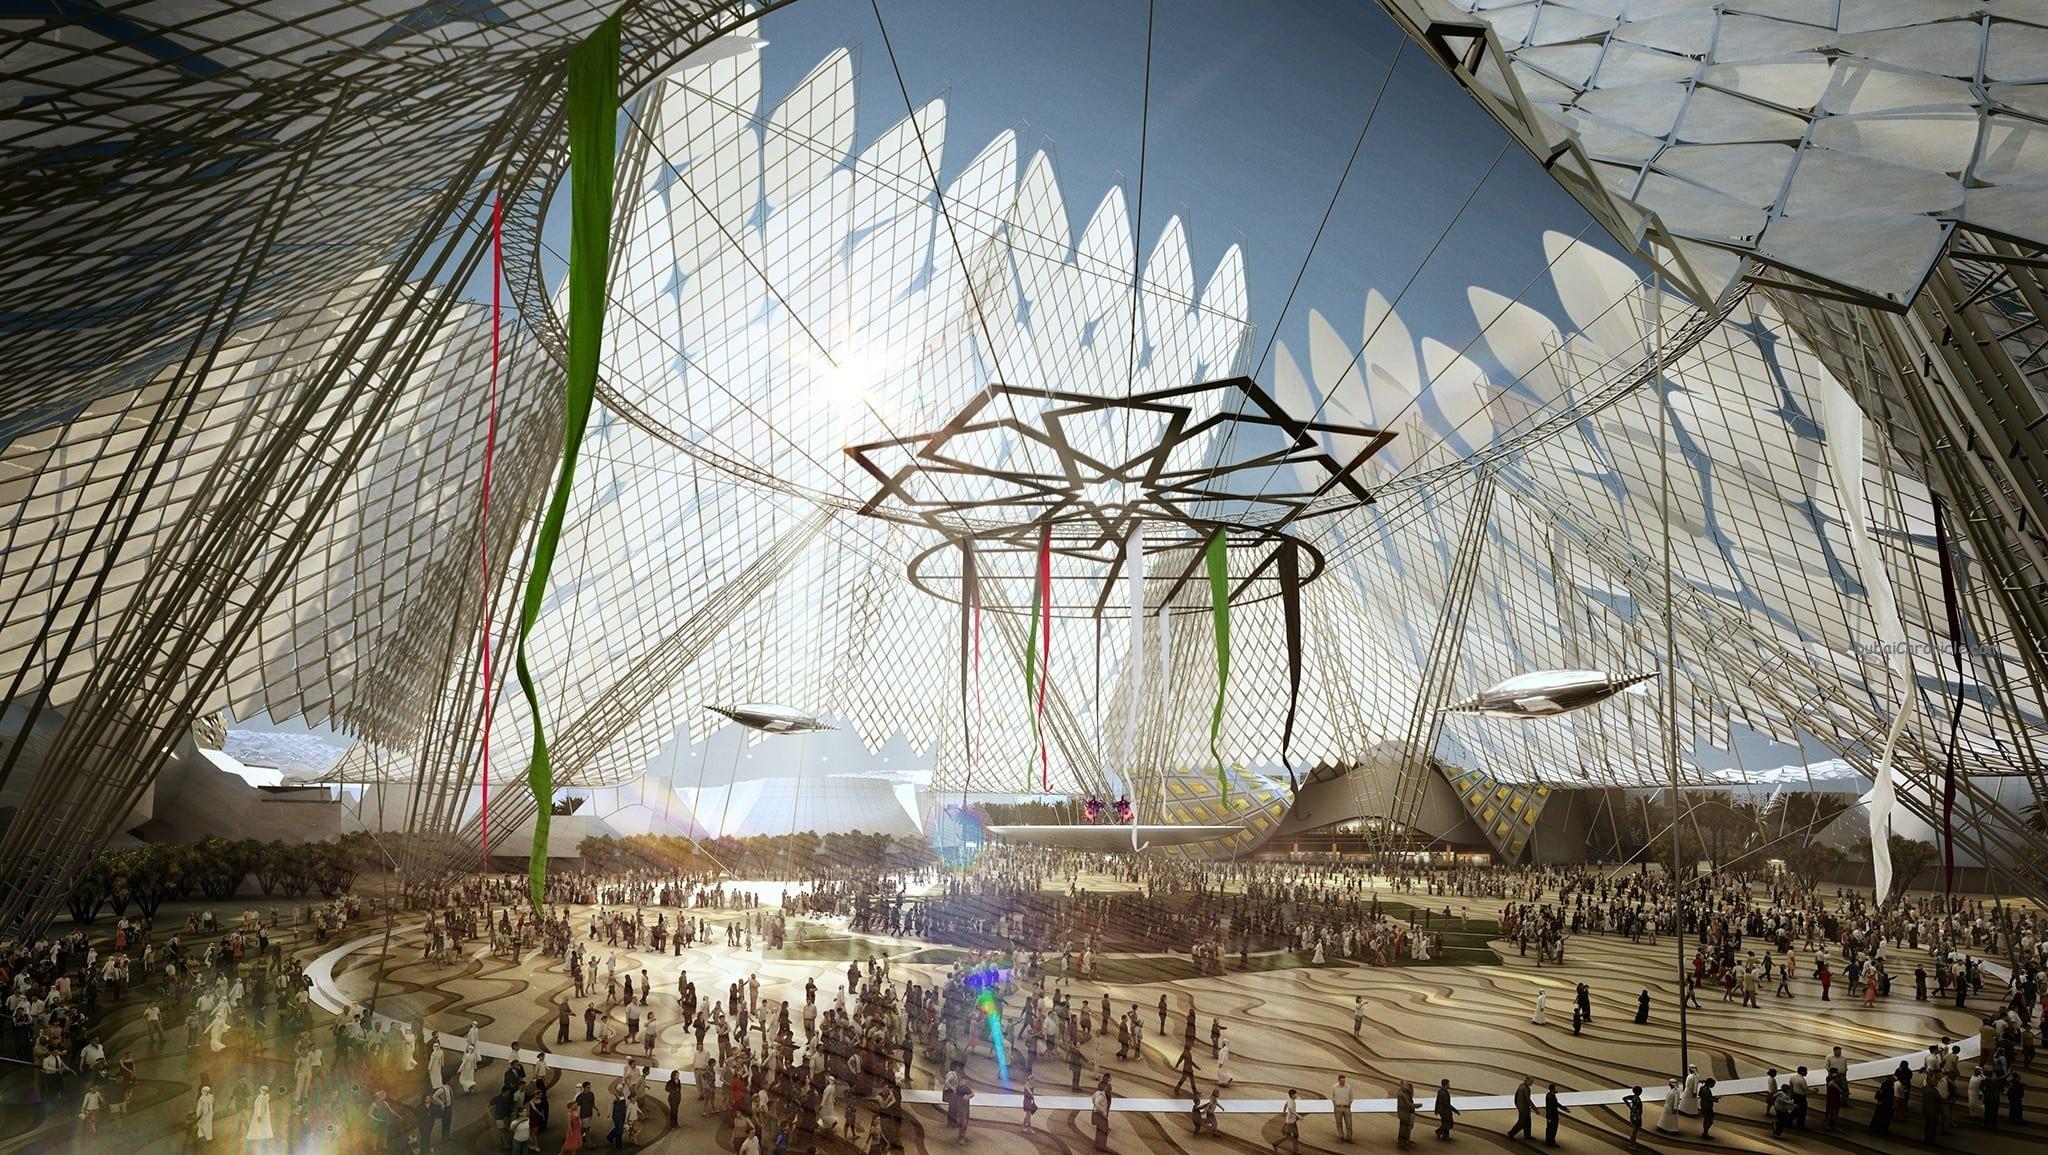 Architectural Impression of Al Wasl Plaza Dubai Expo 2020